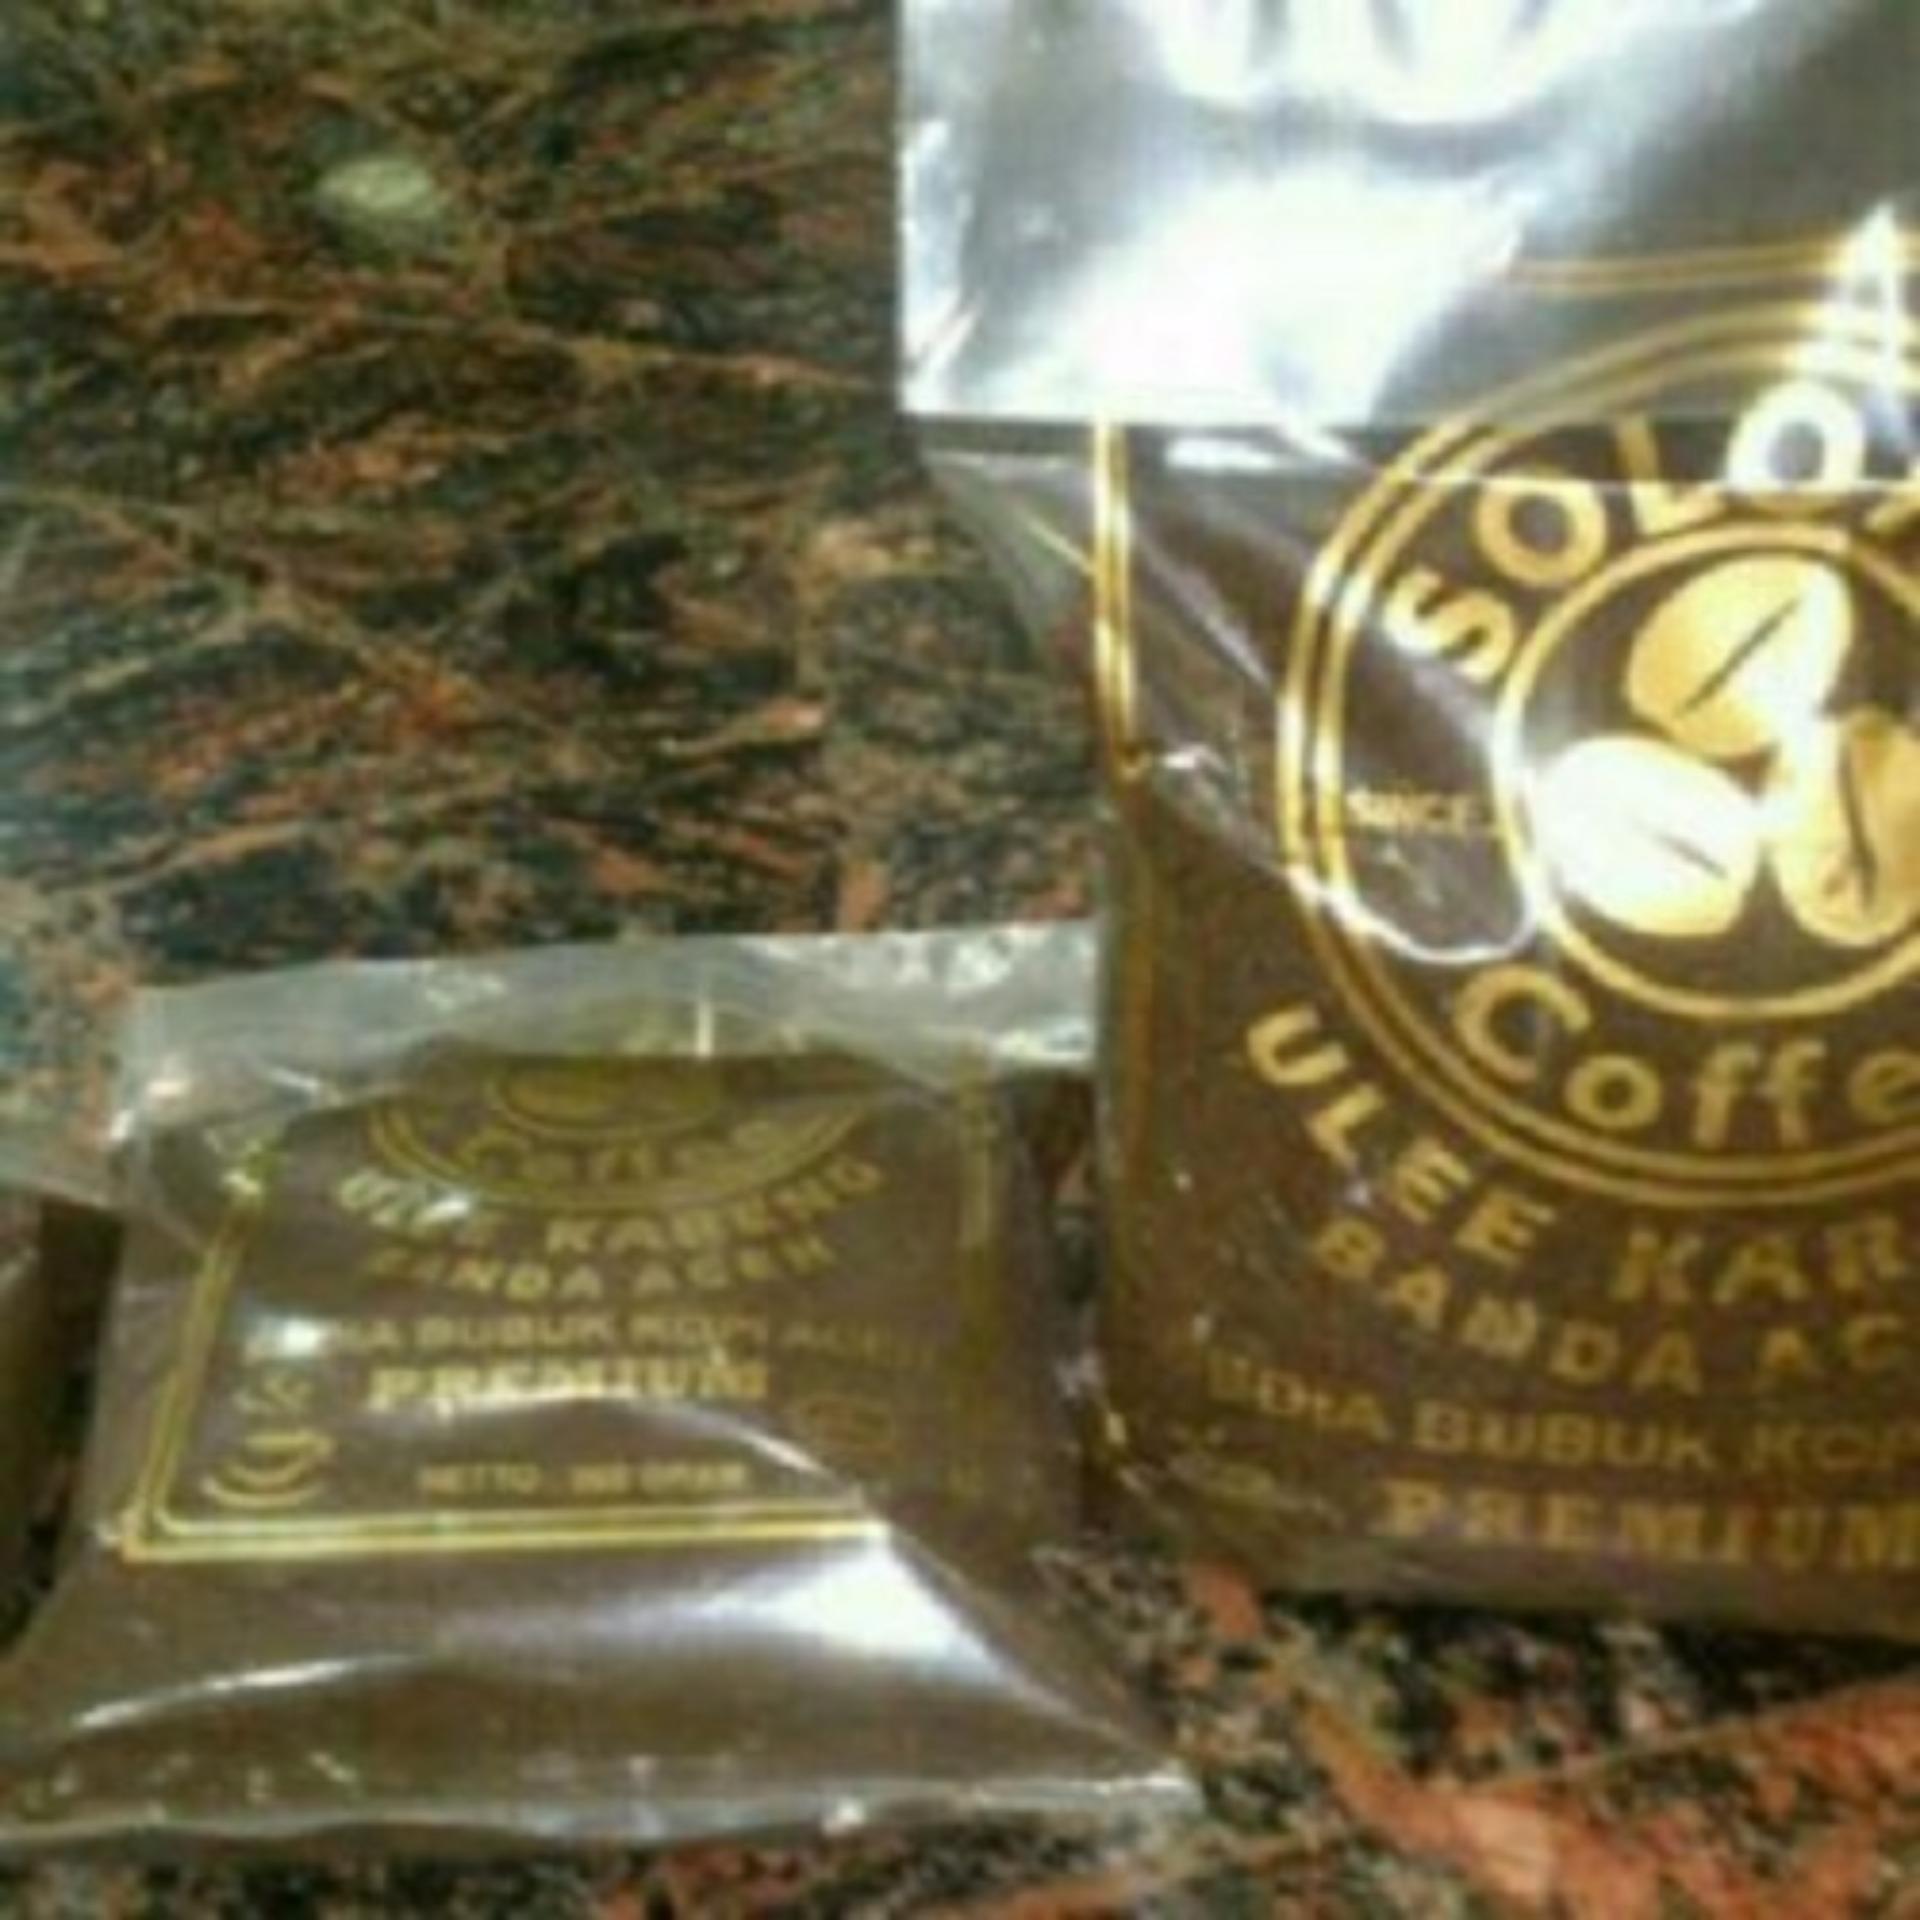 Bubuk Kopi Solong Premium 250 Gram